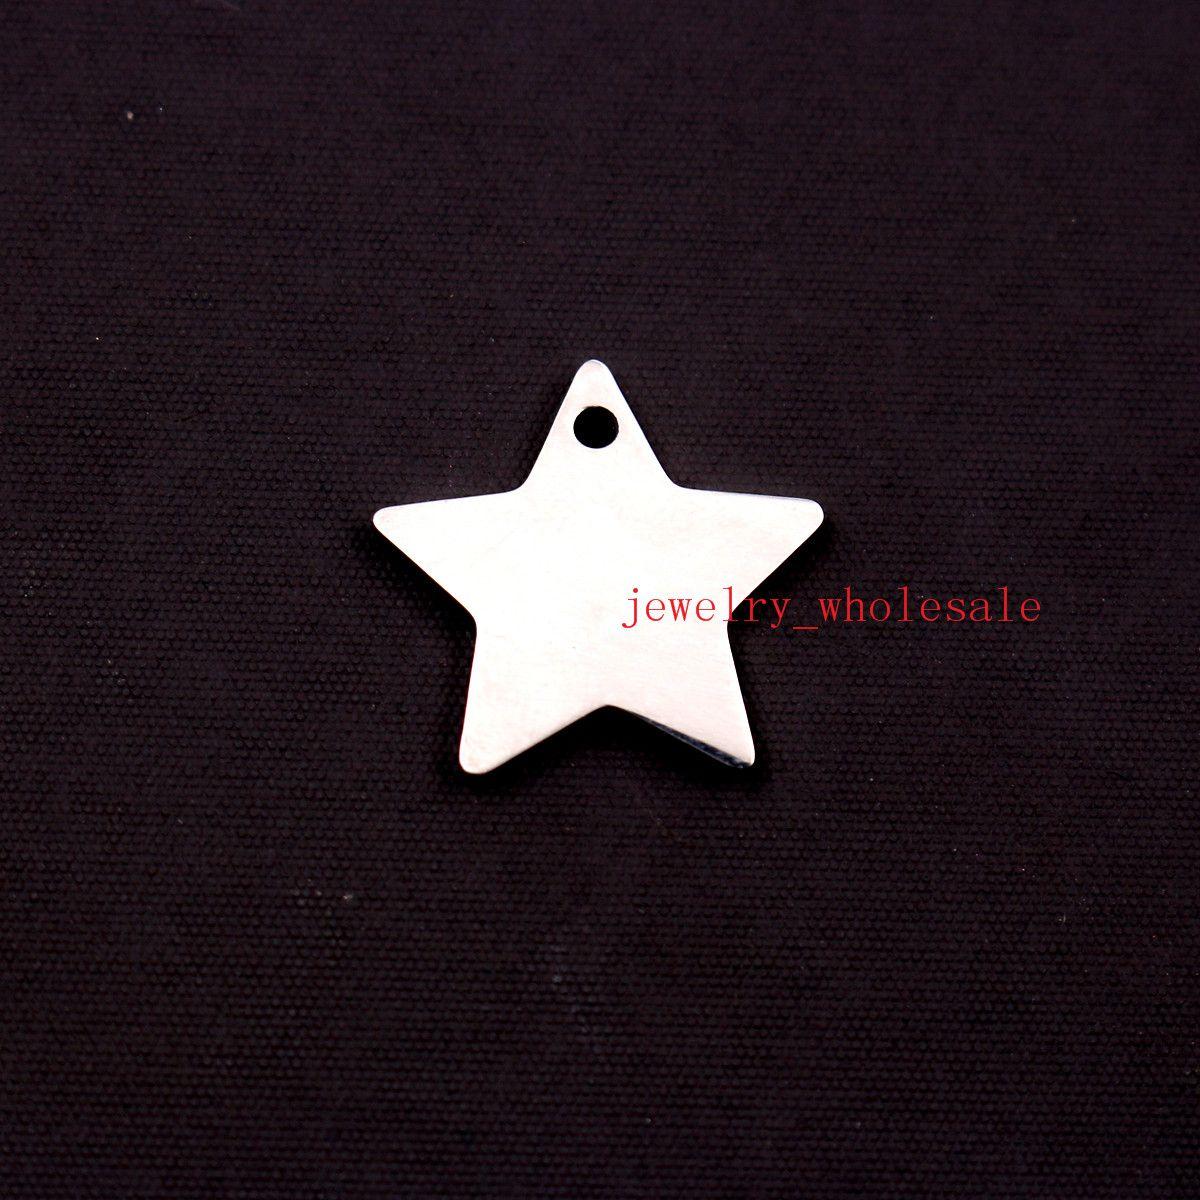 판매 / 브랜드 새로운 부드러운 18mm 스타 펜던트 스테인레스 스틸 은색 톤 패션 태그 매력 쥬얼리 DIY 높은 광택 둘 다 광택